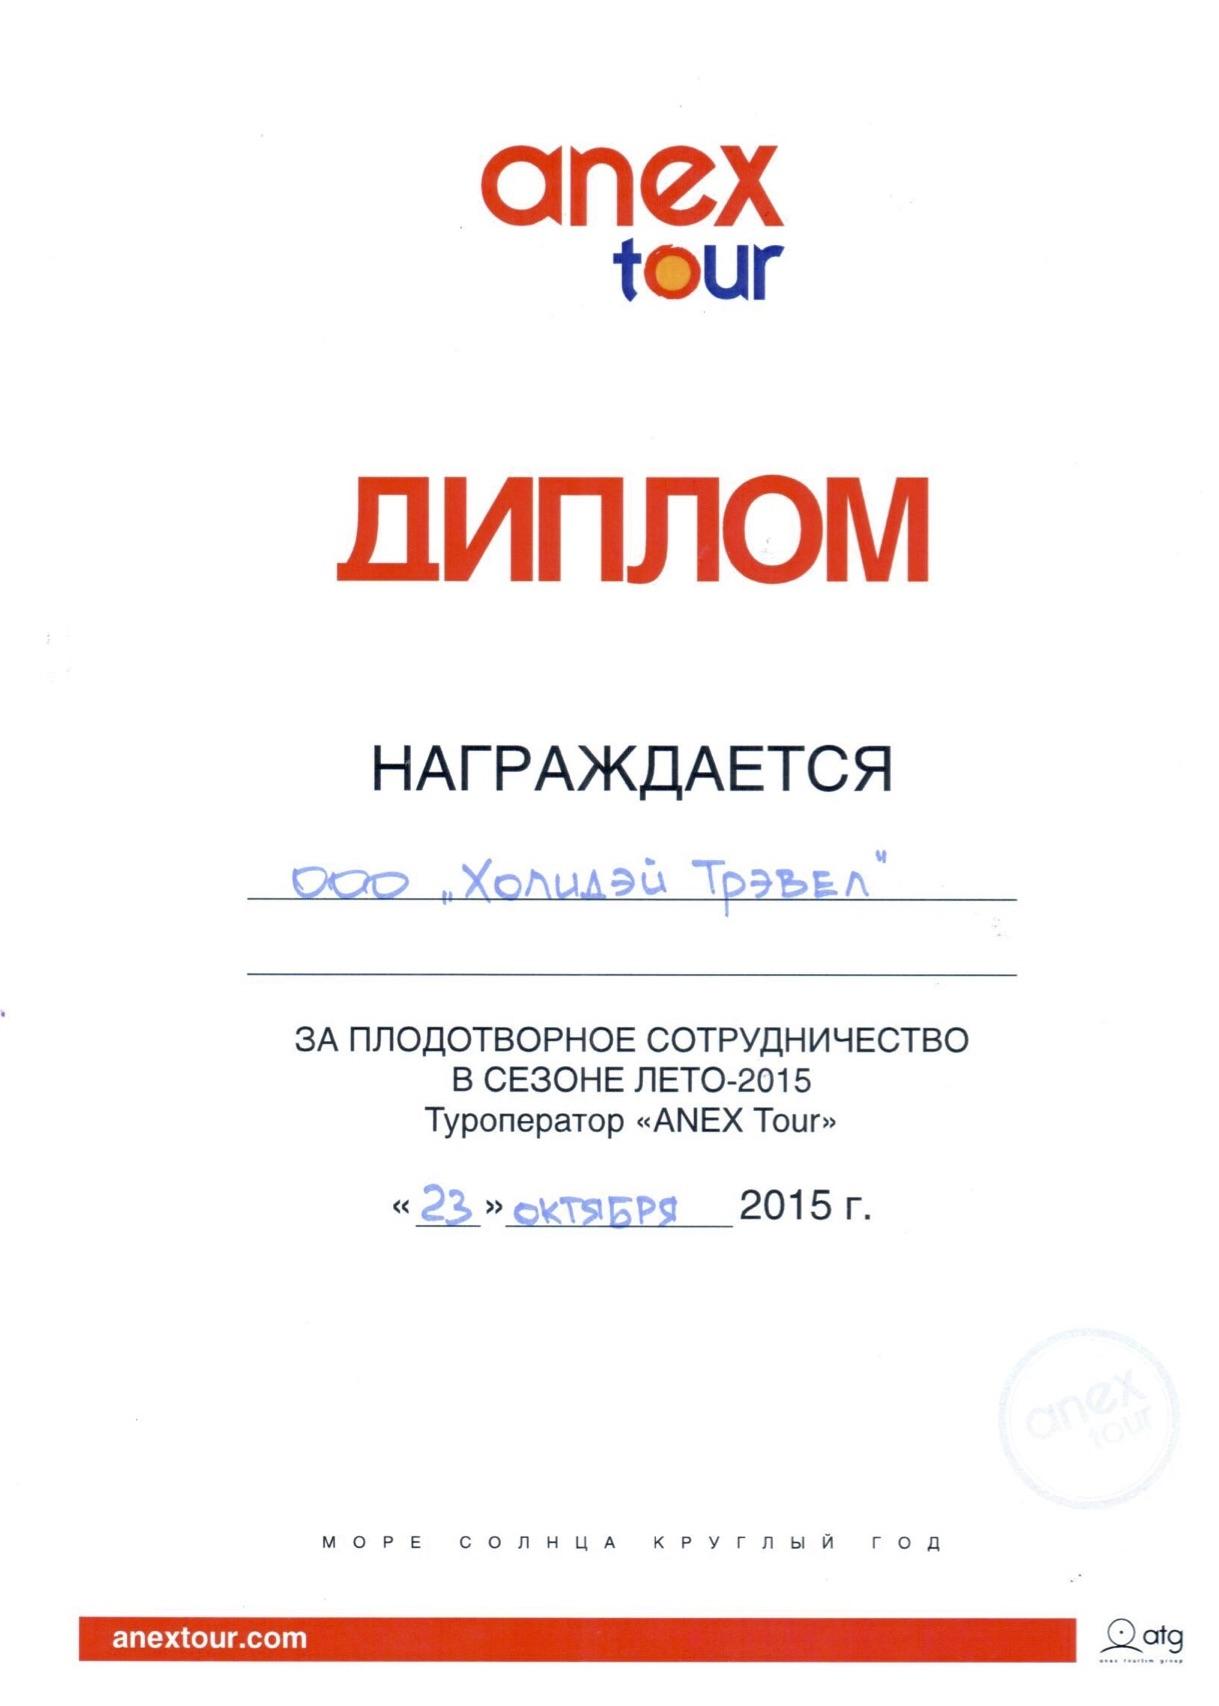 Анекс Тур 2015